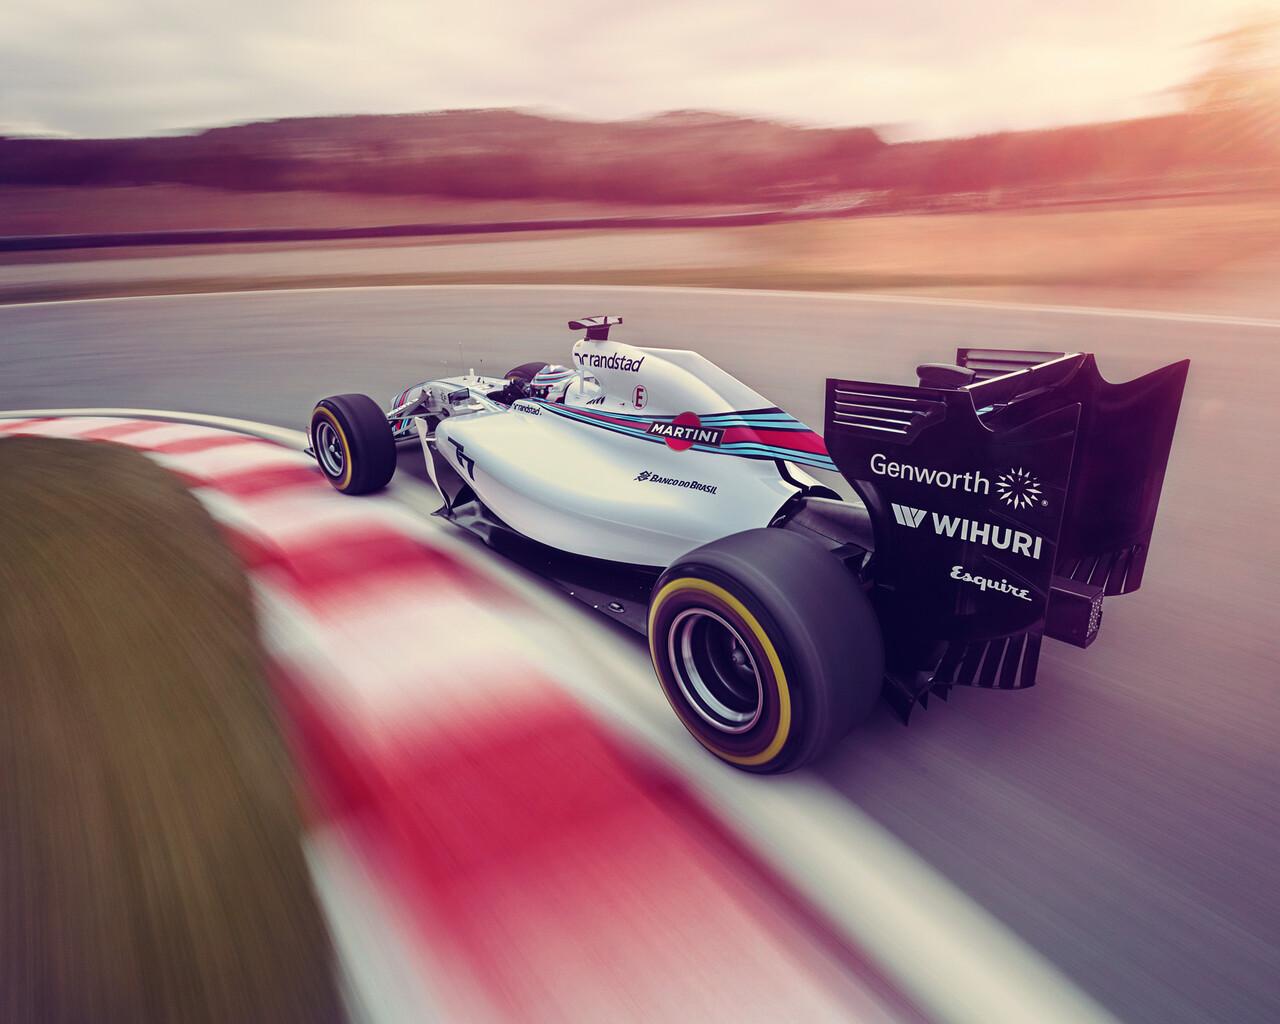 williams-2014-f1-car-rear-lg.jpg